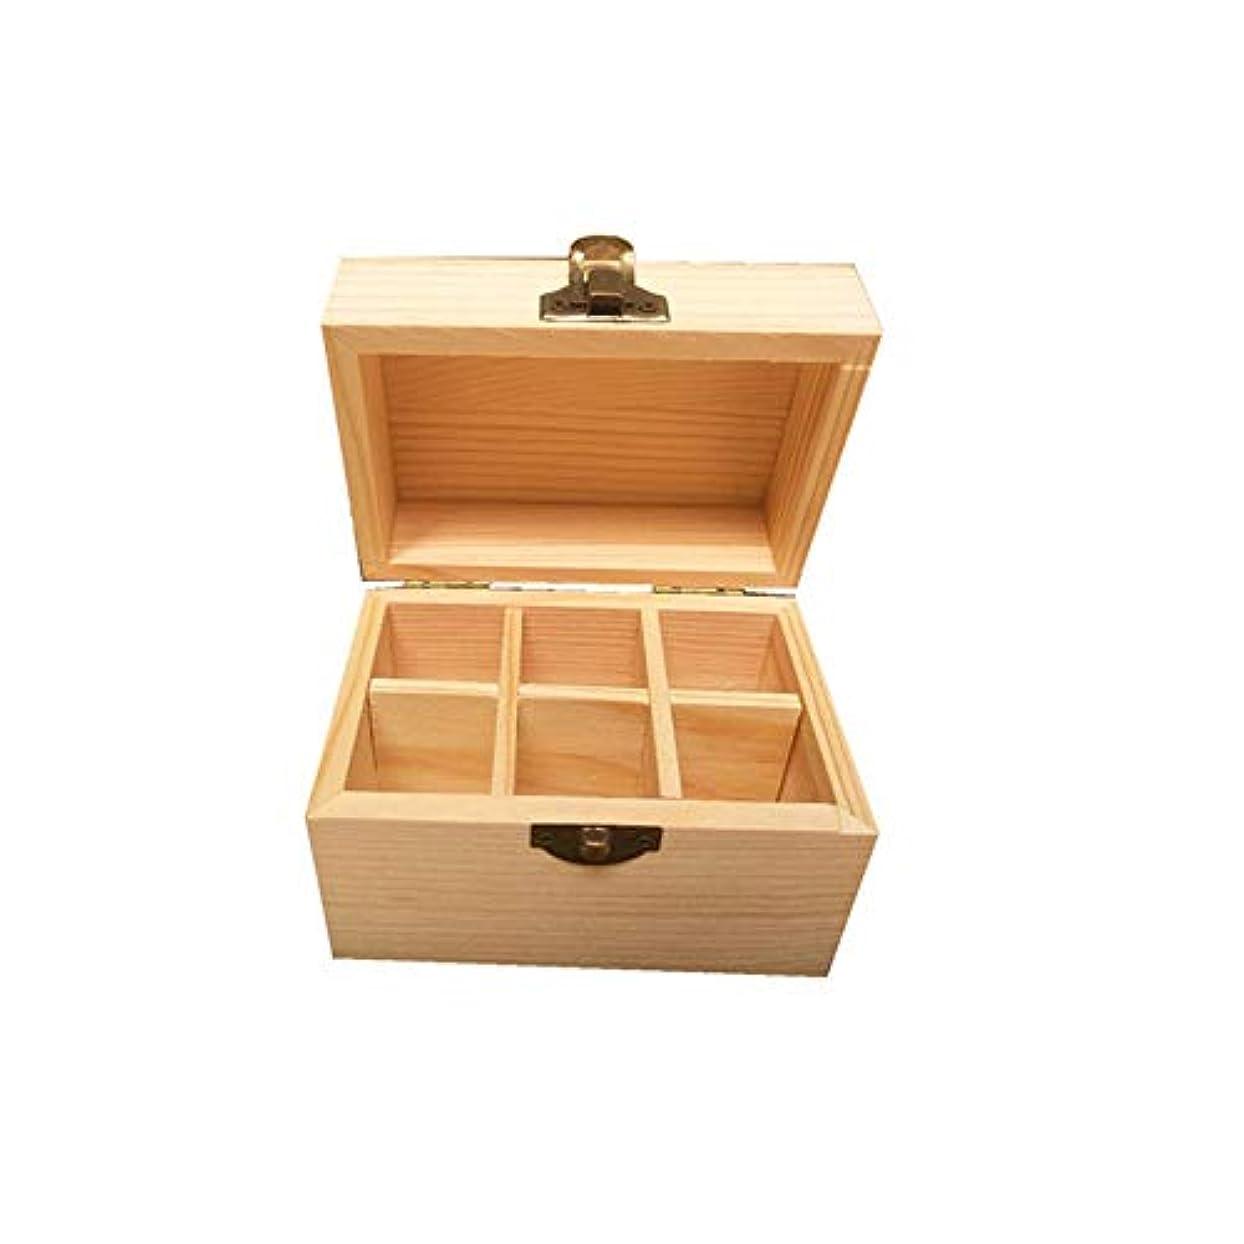 分割耐える洗剤精油ケース 6ボトル木製エッセンシャルオイルストレージボックスパーフェクトエッセンシャルオイルケース 携帯便利 (色 : Natural, サイズ : 12X8X8.5CM)